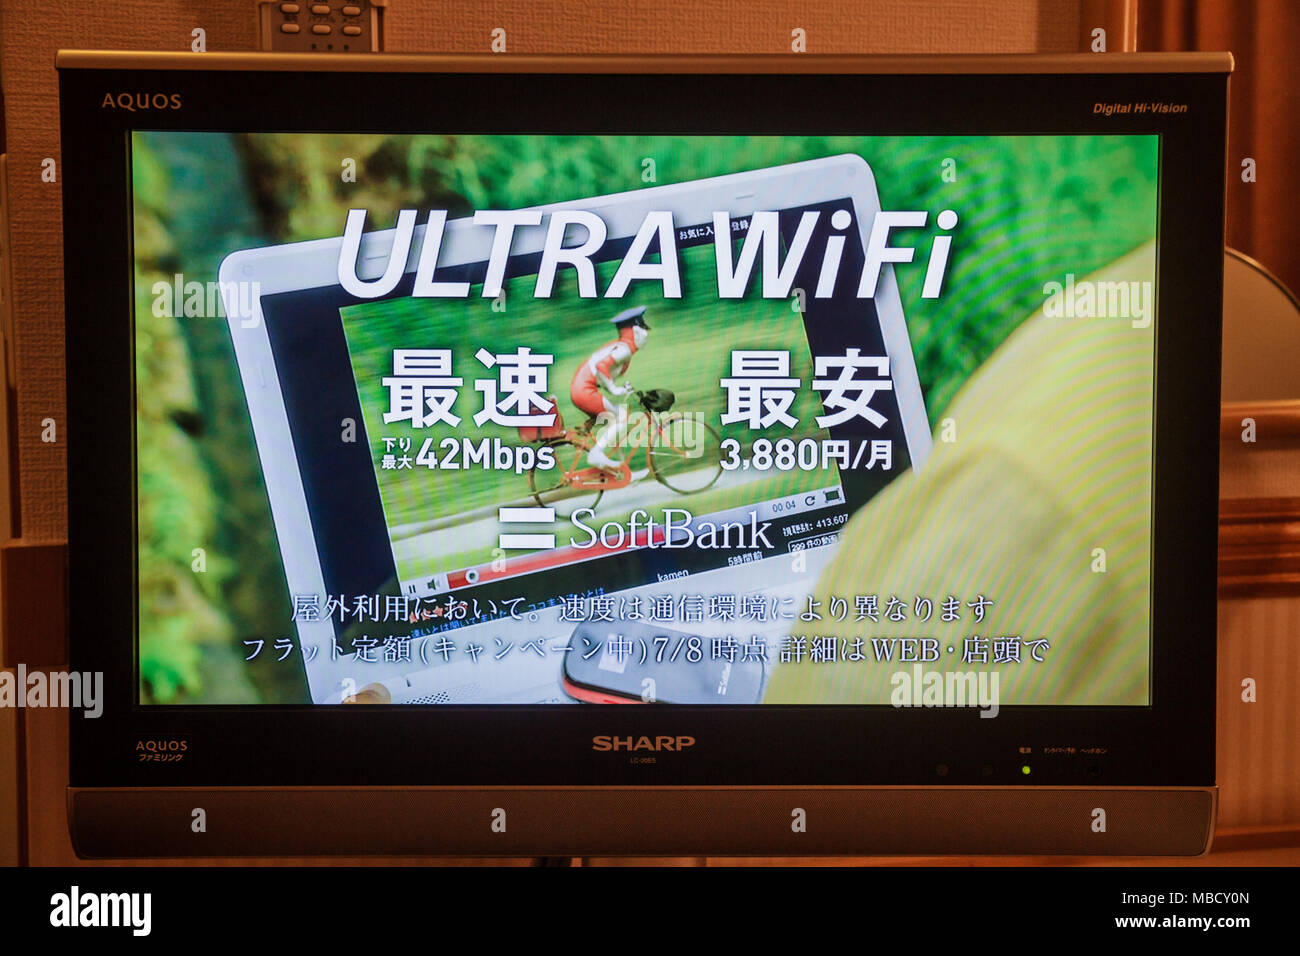 Tokyo Japan Ikebukuro Sharp Aquos widescreen LCD HDTV TV television kanji hiragana katakana characters symbols Japanese English - Stock Image